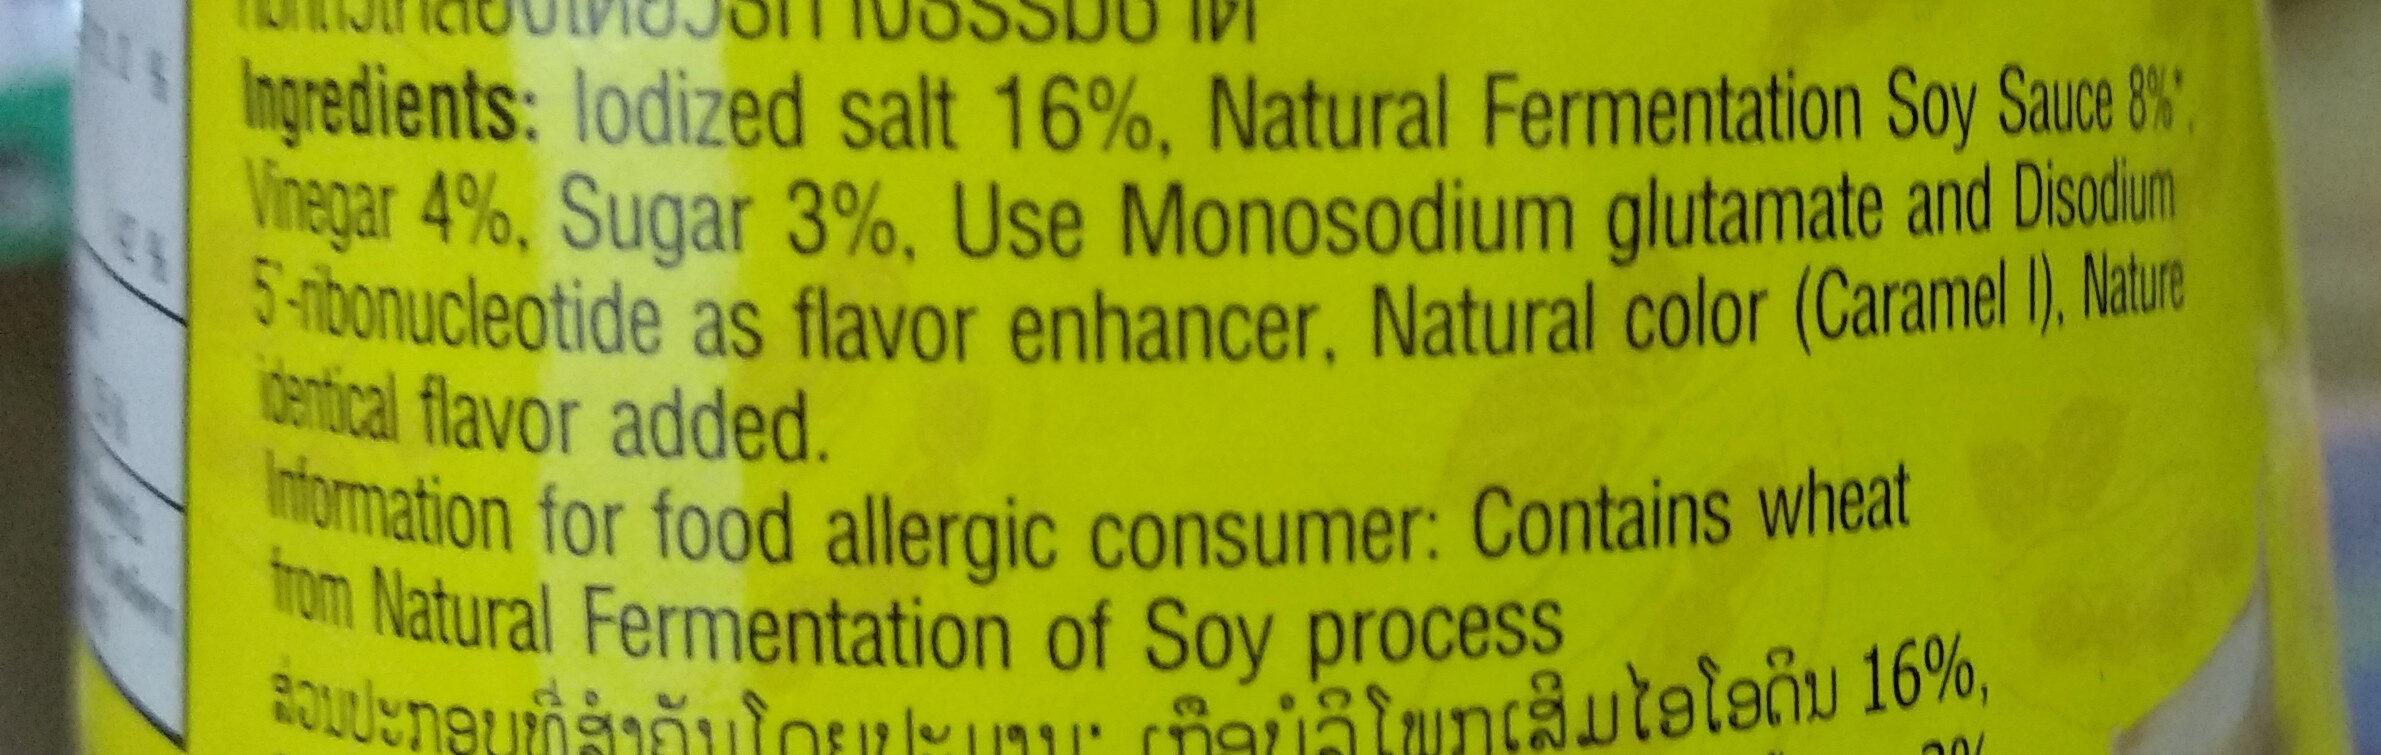 แม็กกี้ซอสปรุงอาหาร - Ingrediënten